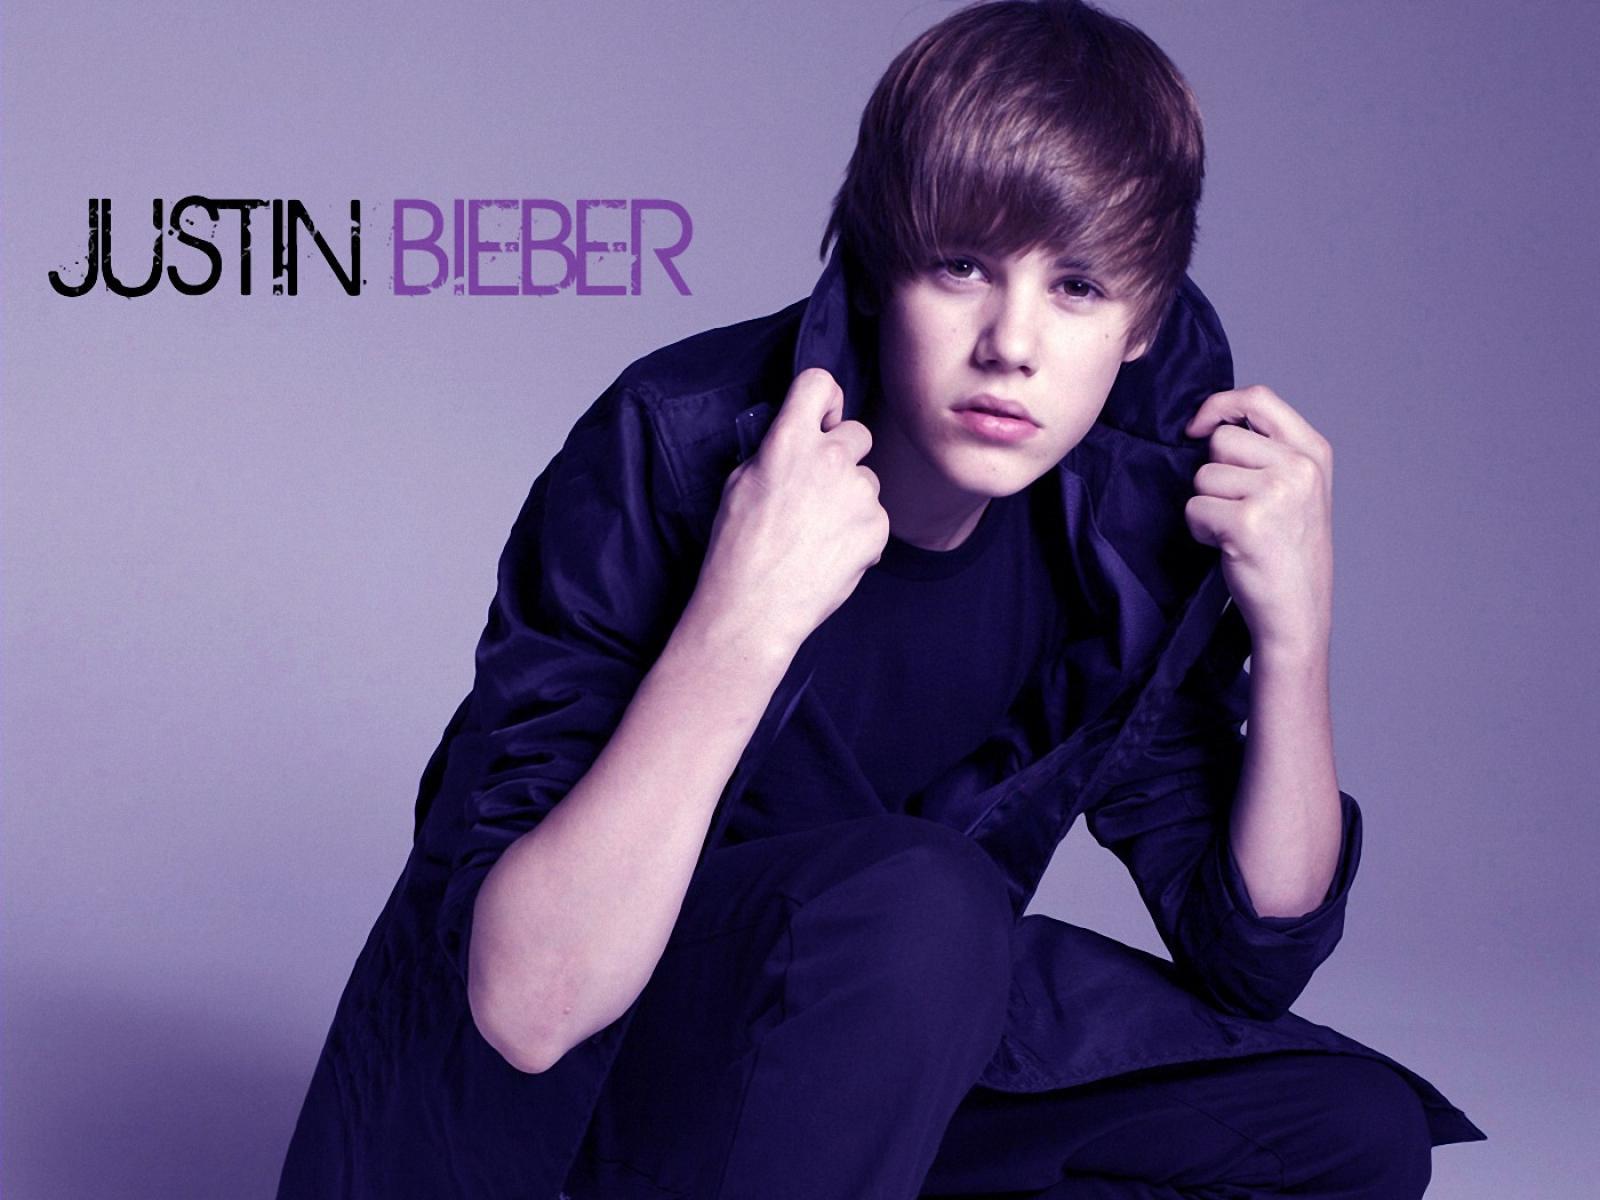 http://1.bp.blogspot.com/-l66MPnxziko/UP65Ma9w93I/AAAAAAAAF04/RAXz8ANuxDQ/s1600/Justin+Bieber+Wallpaper+HD+2013+16.jpg